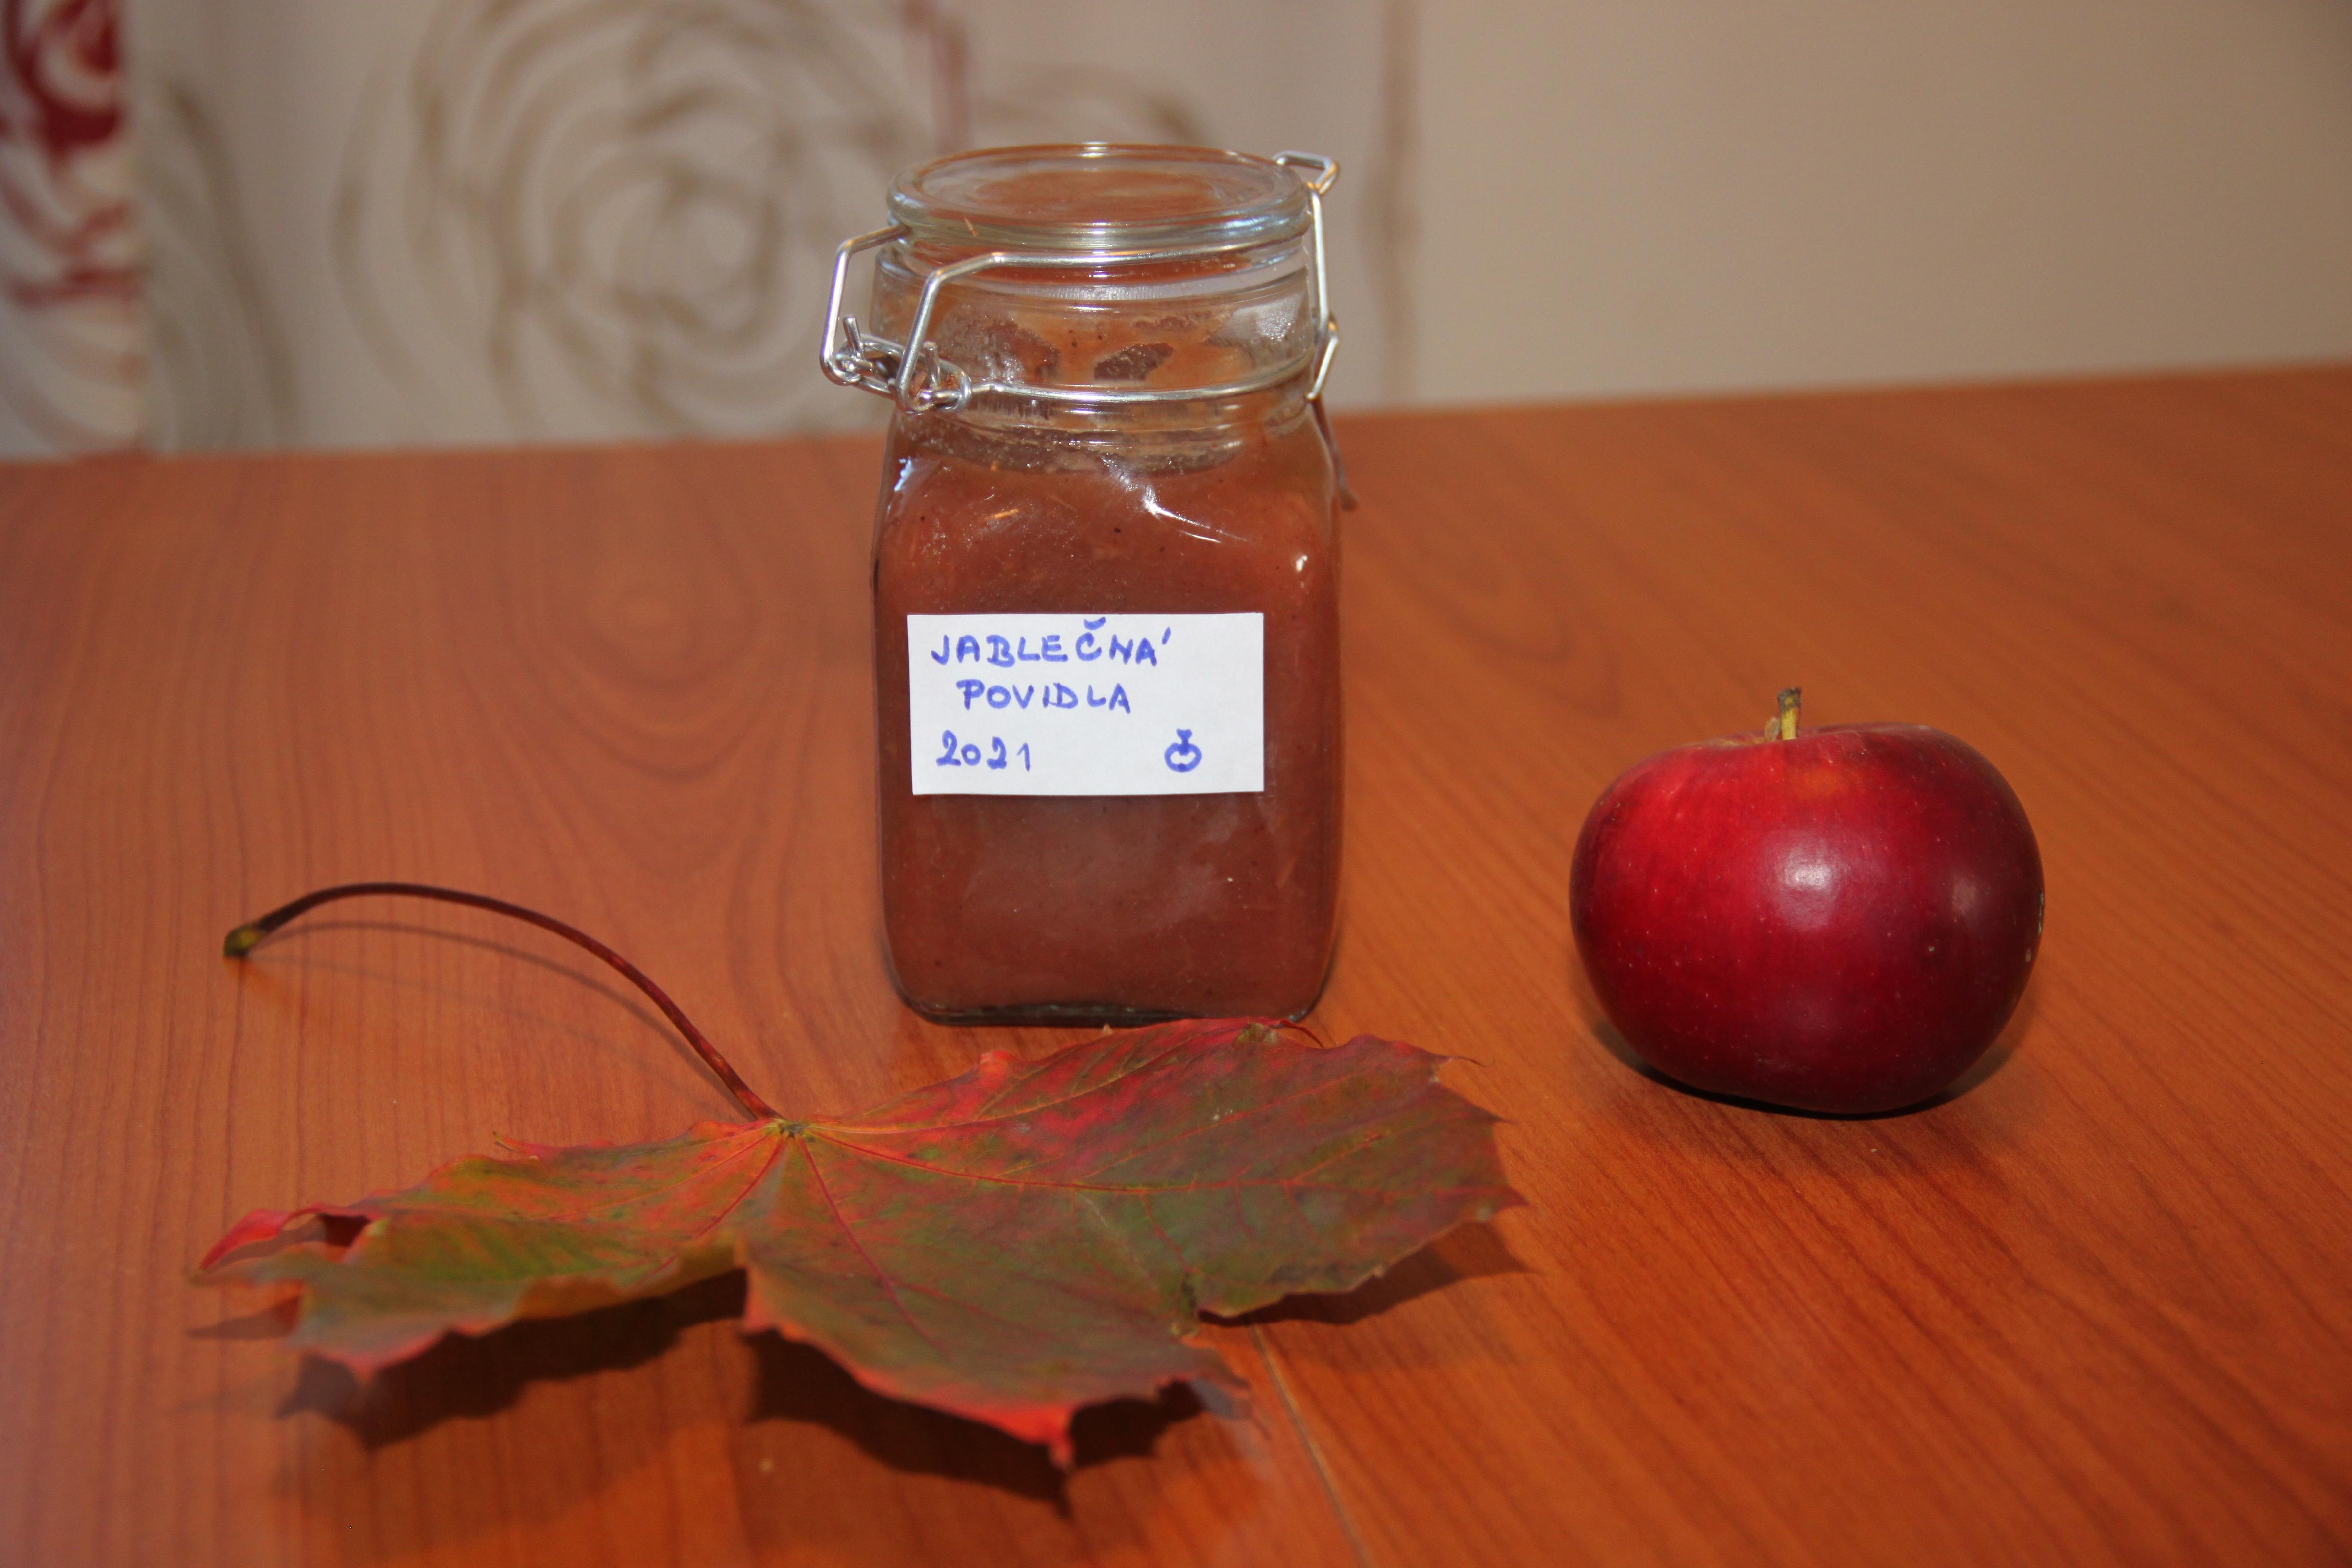 Pečená jablečná povidla - snadná příprava a výborný voňavý výsledek